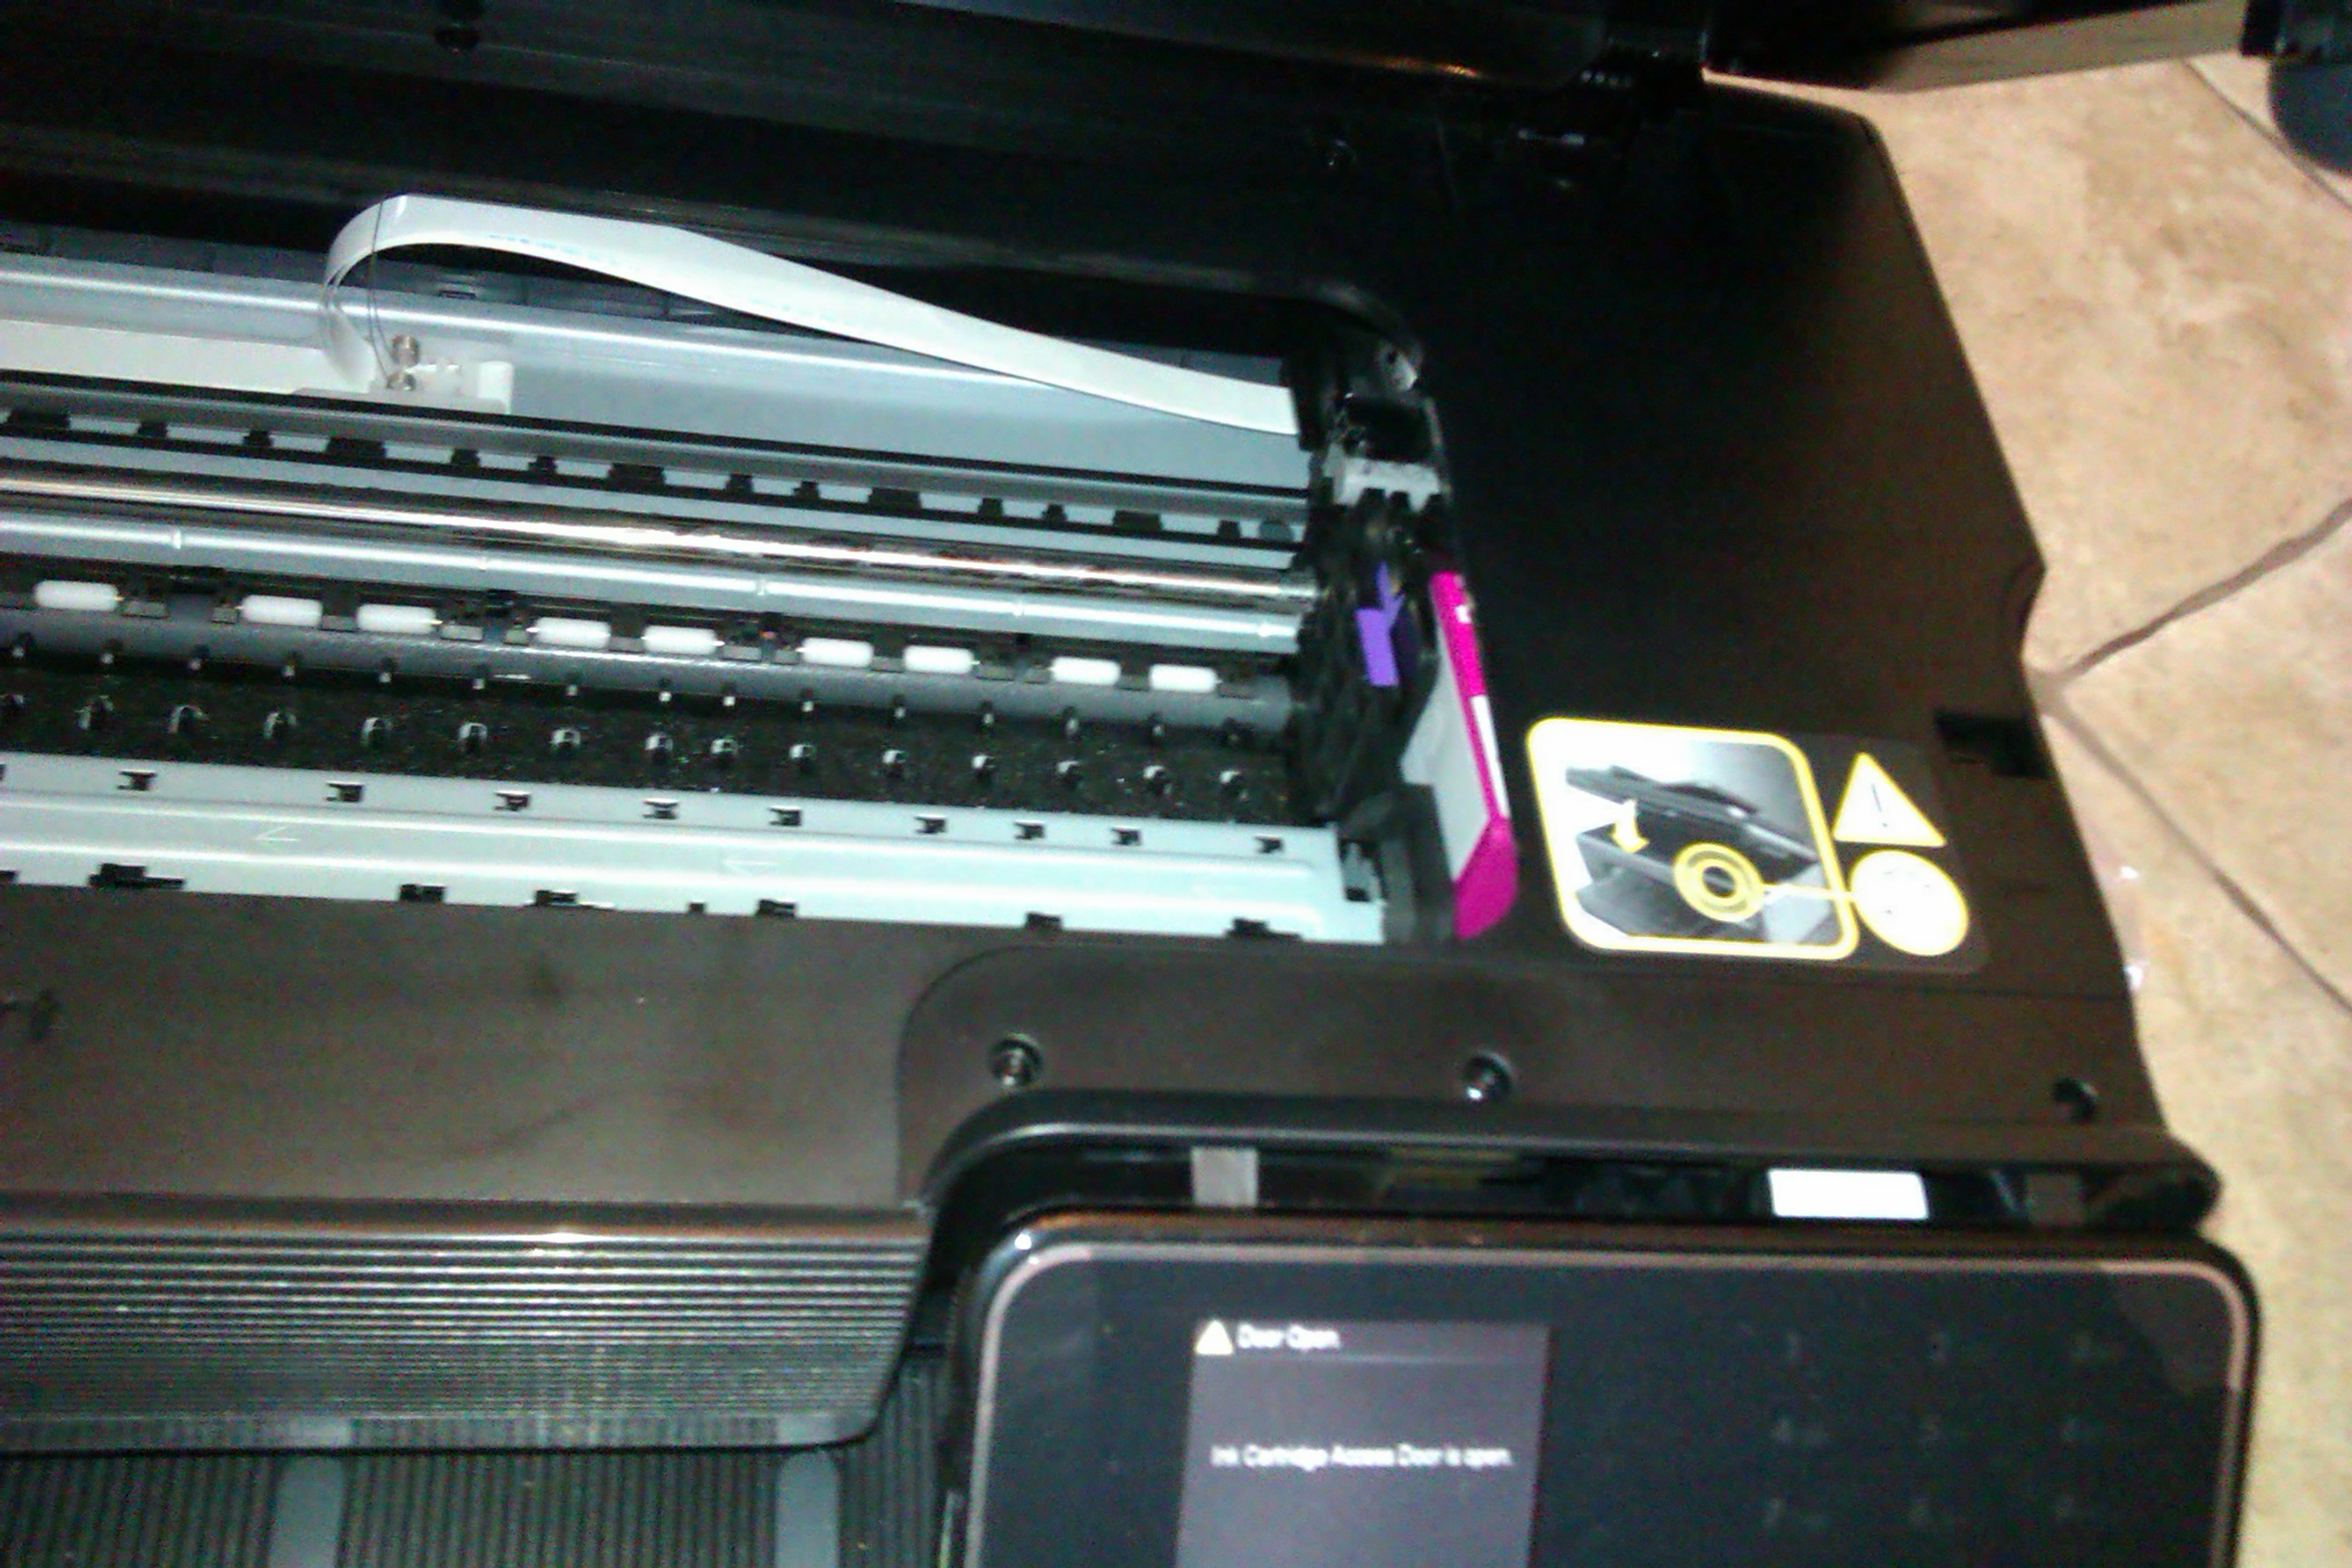 HP Officejet 7500A - 0xc19 0013 - zablokowany z prawej strony pojemnik z tuszam